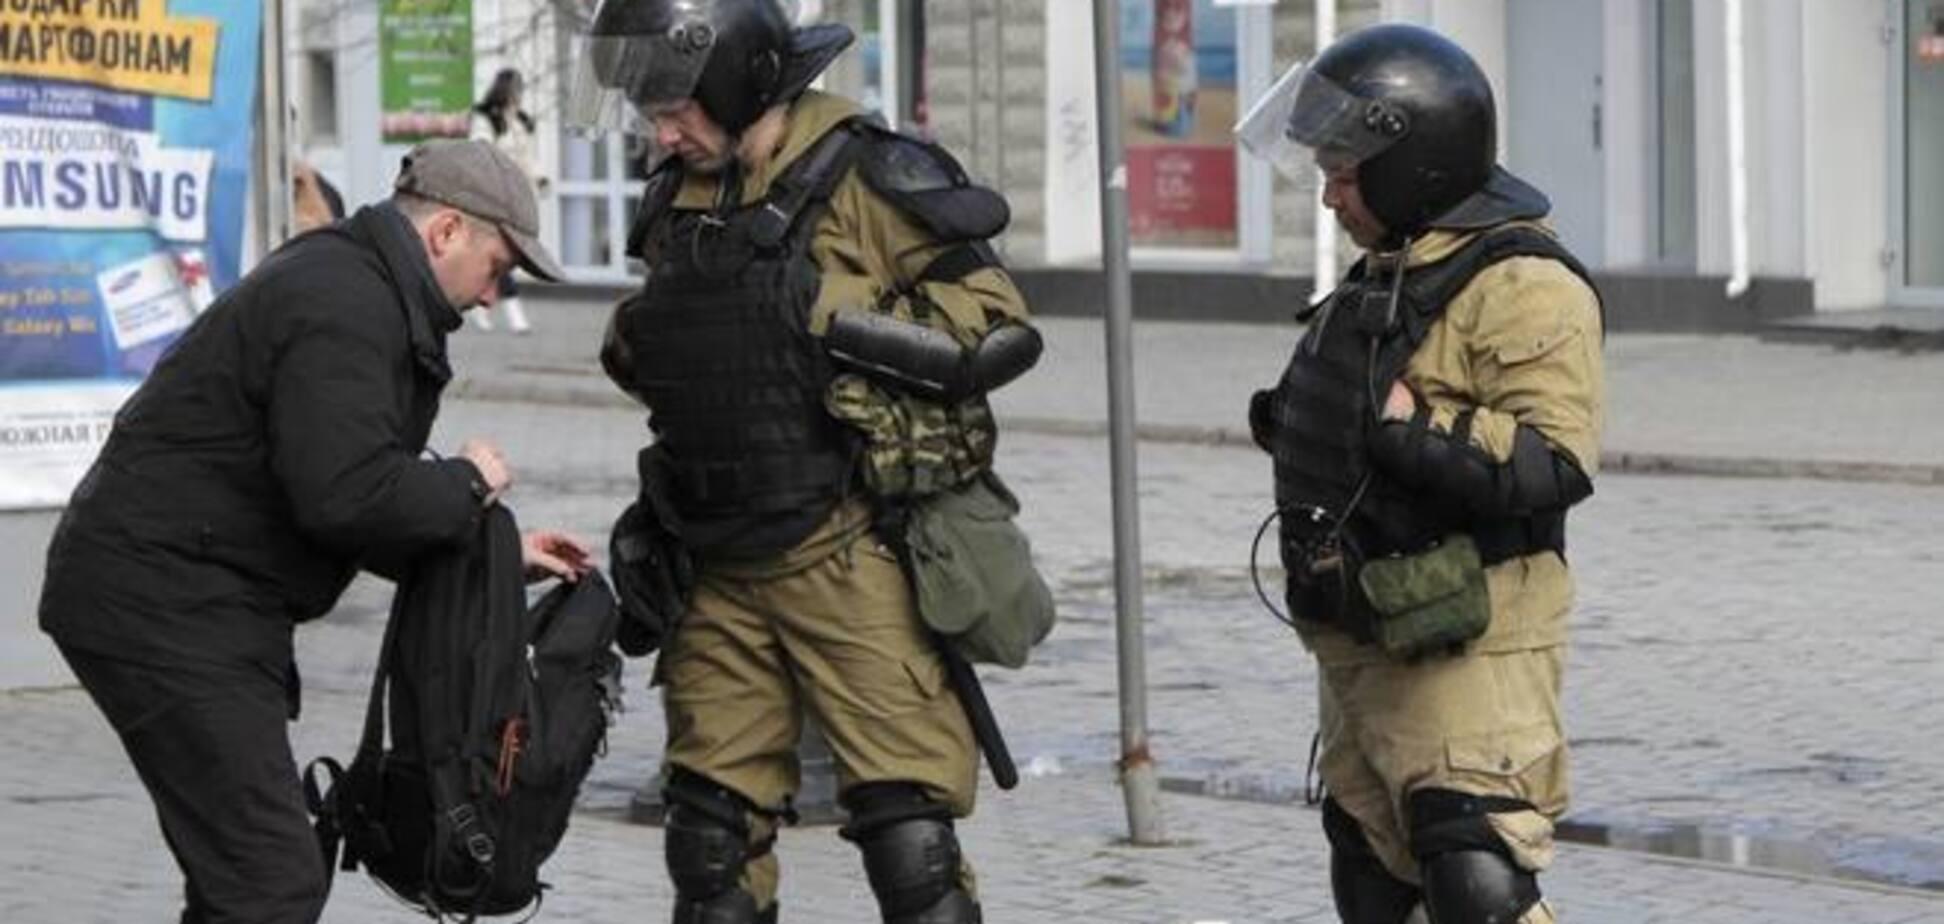 'Самооборона' Крыма побила журналистов за 'оскорбление чести и достоинства высших должностных лиц РФ'